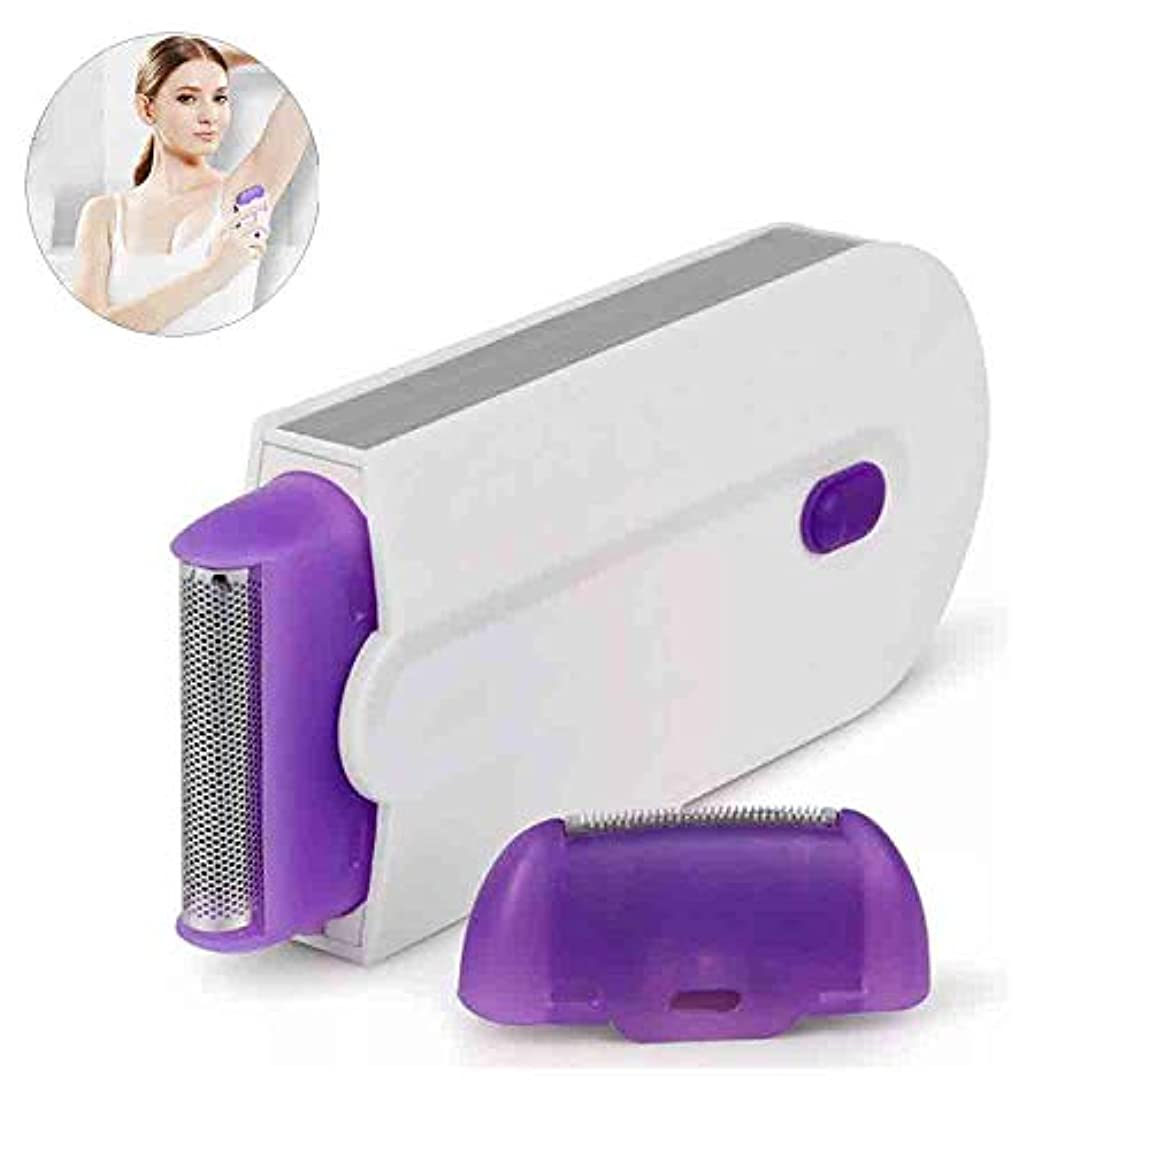 やめる信じる発動機電気シェーバー、USB 充電誘導の女性の摘採装置、レーザー脱毛